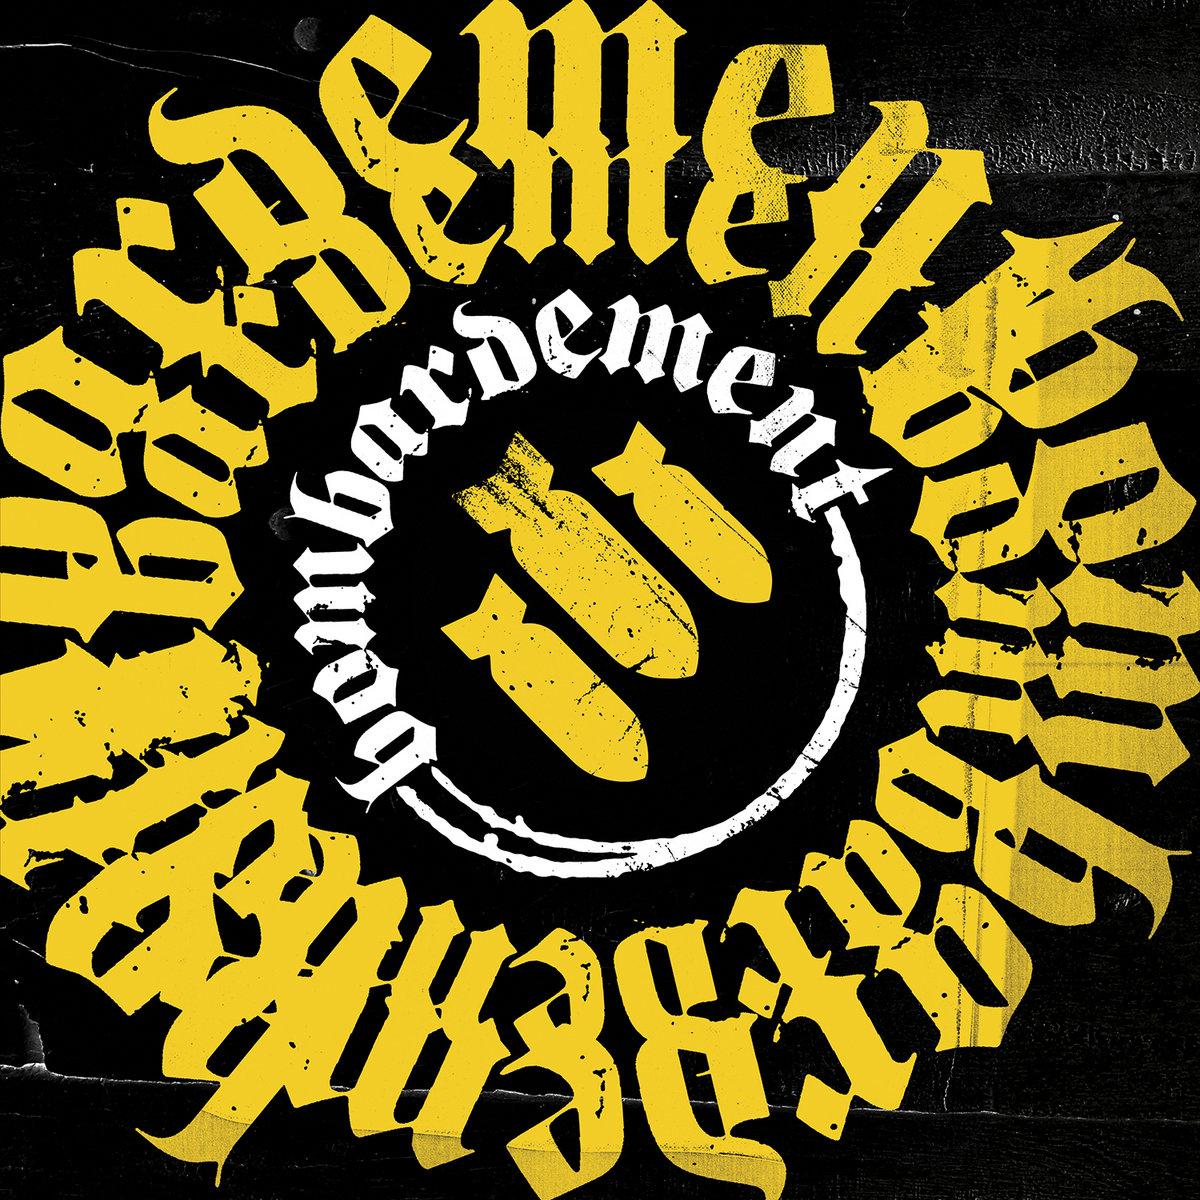 Bombardement - s/t LP